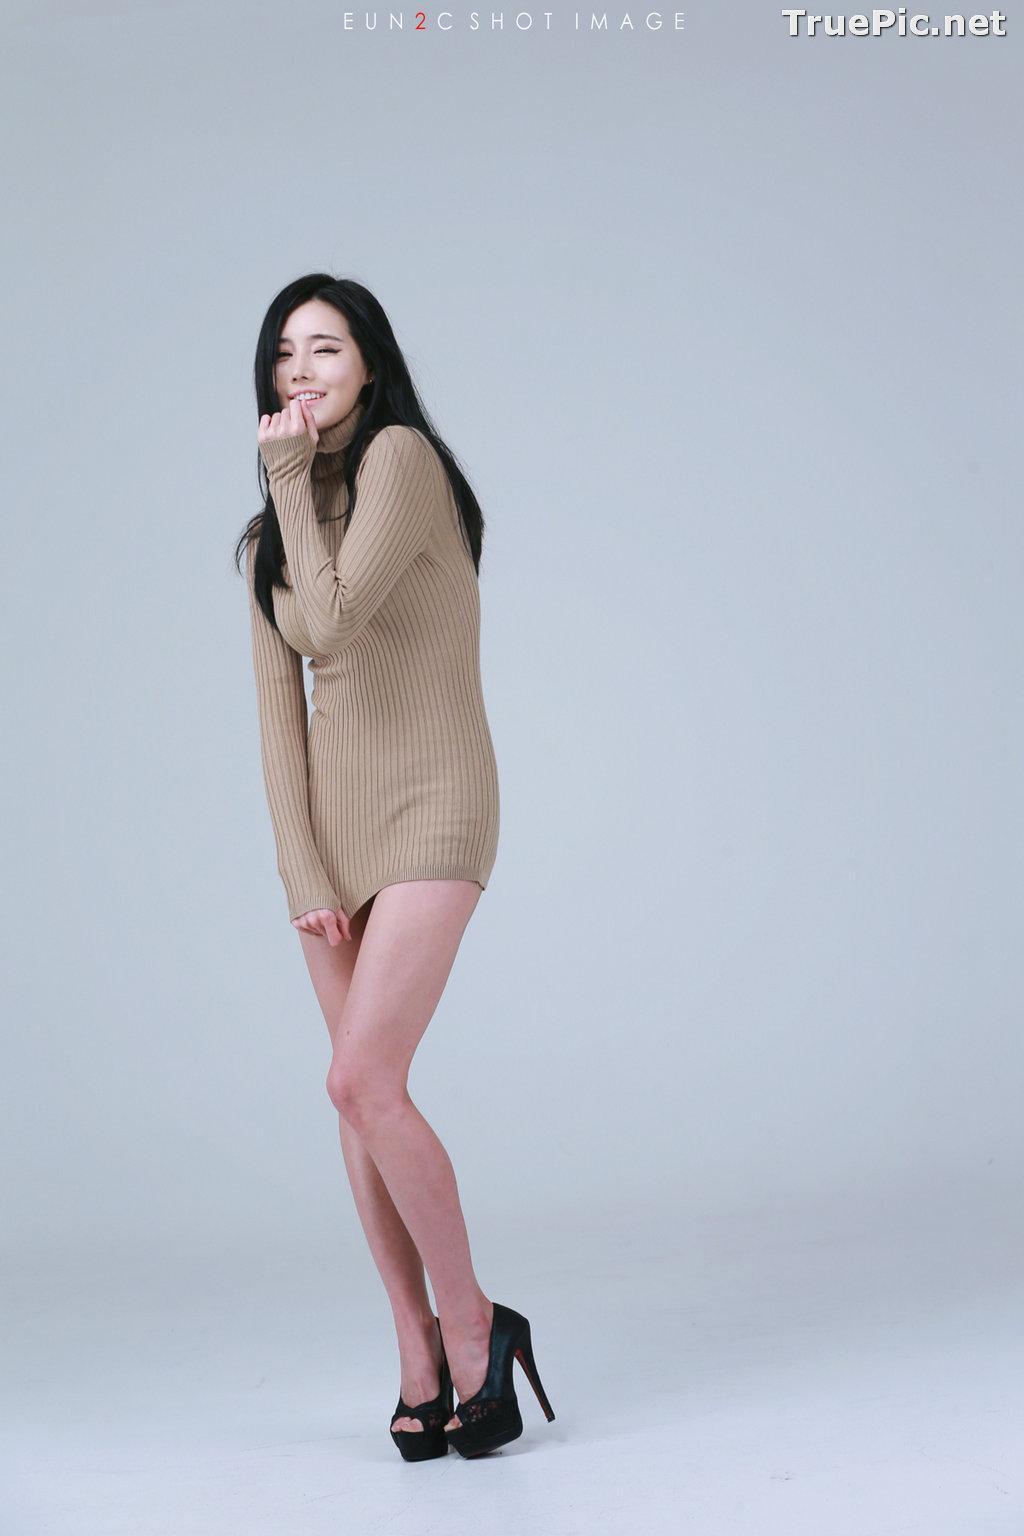 Image Best Beautiful Images Of Korean Racing Queen Han Ga Eun #2 - TruePic.net - Picture-4